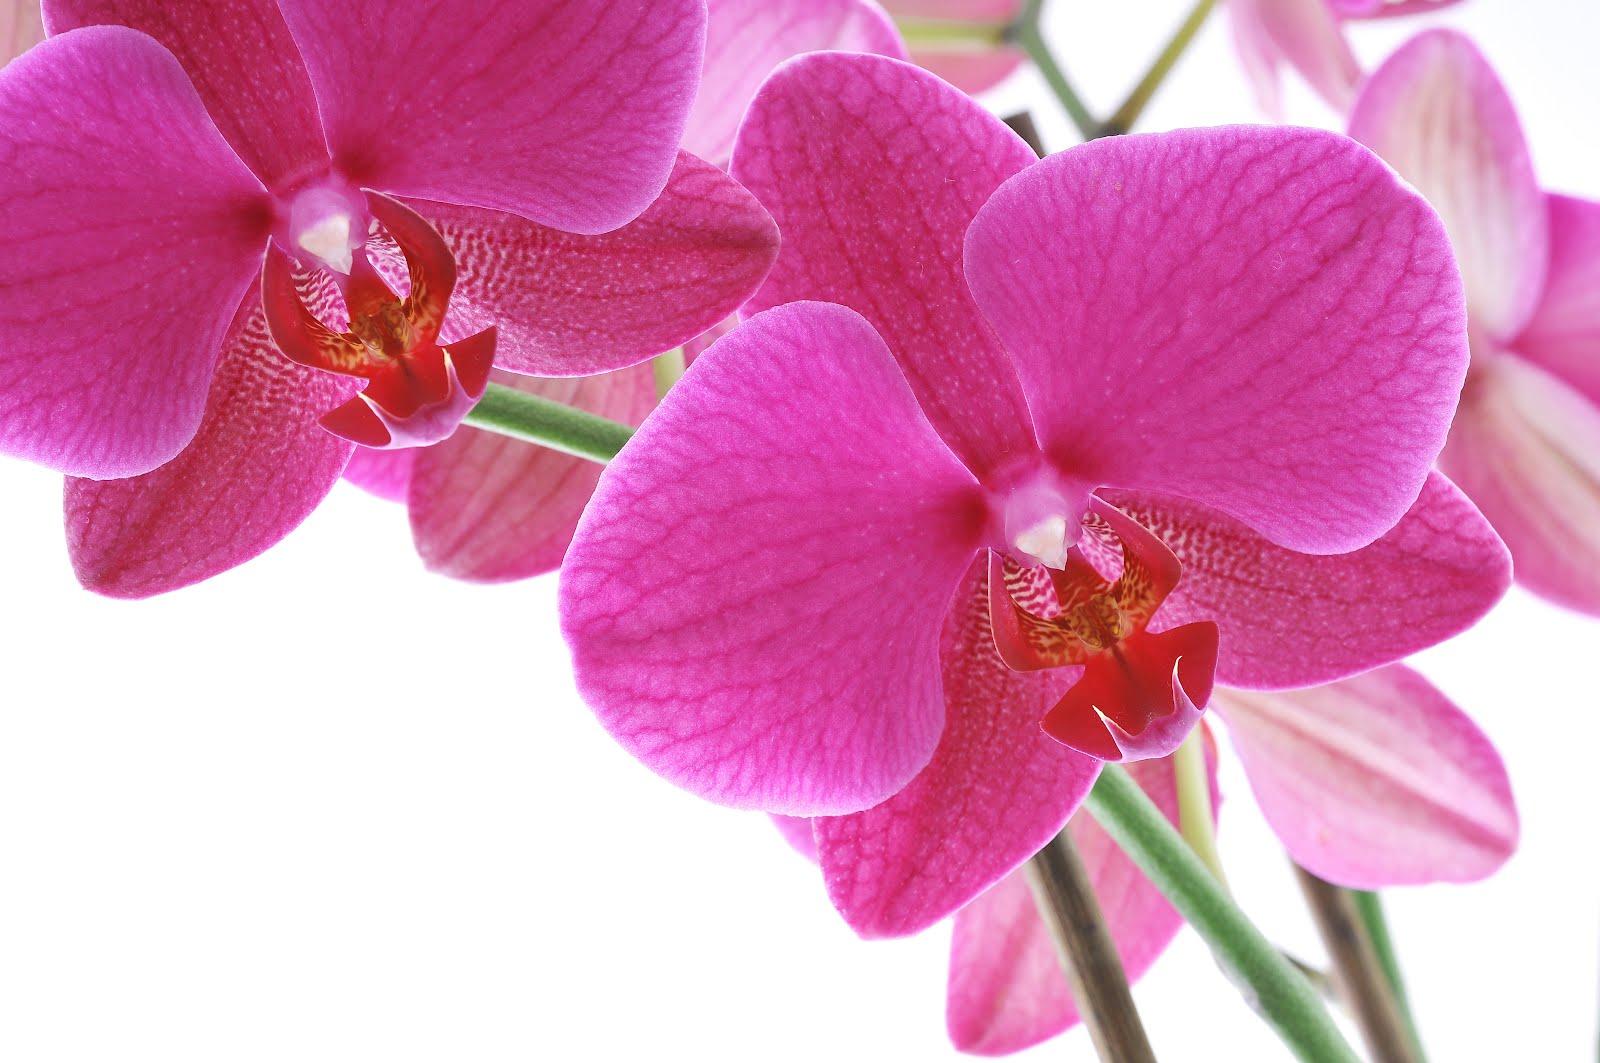 http://2.bp.blogspot.com/-2VHA7bGiyfo/T3yU2ZCWBKI/AAAAAAAA0ZM/R7gmI4AbDrM/s1600/flores-orquideas-5-by-----www.bigxy.com---------.jpg